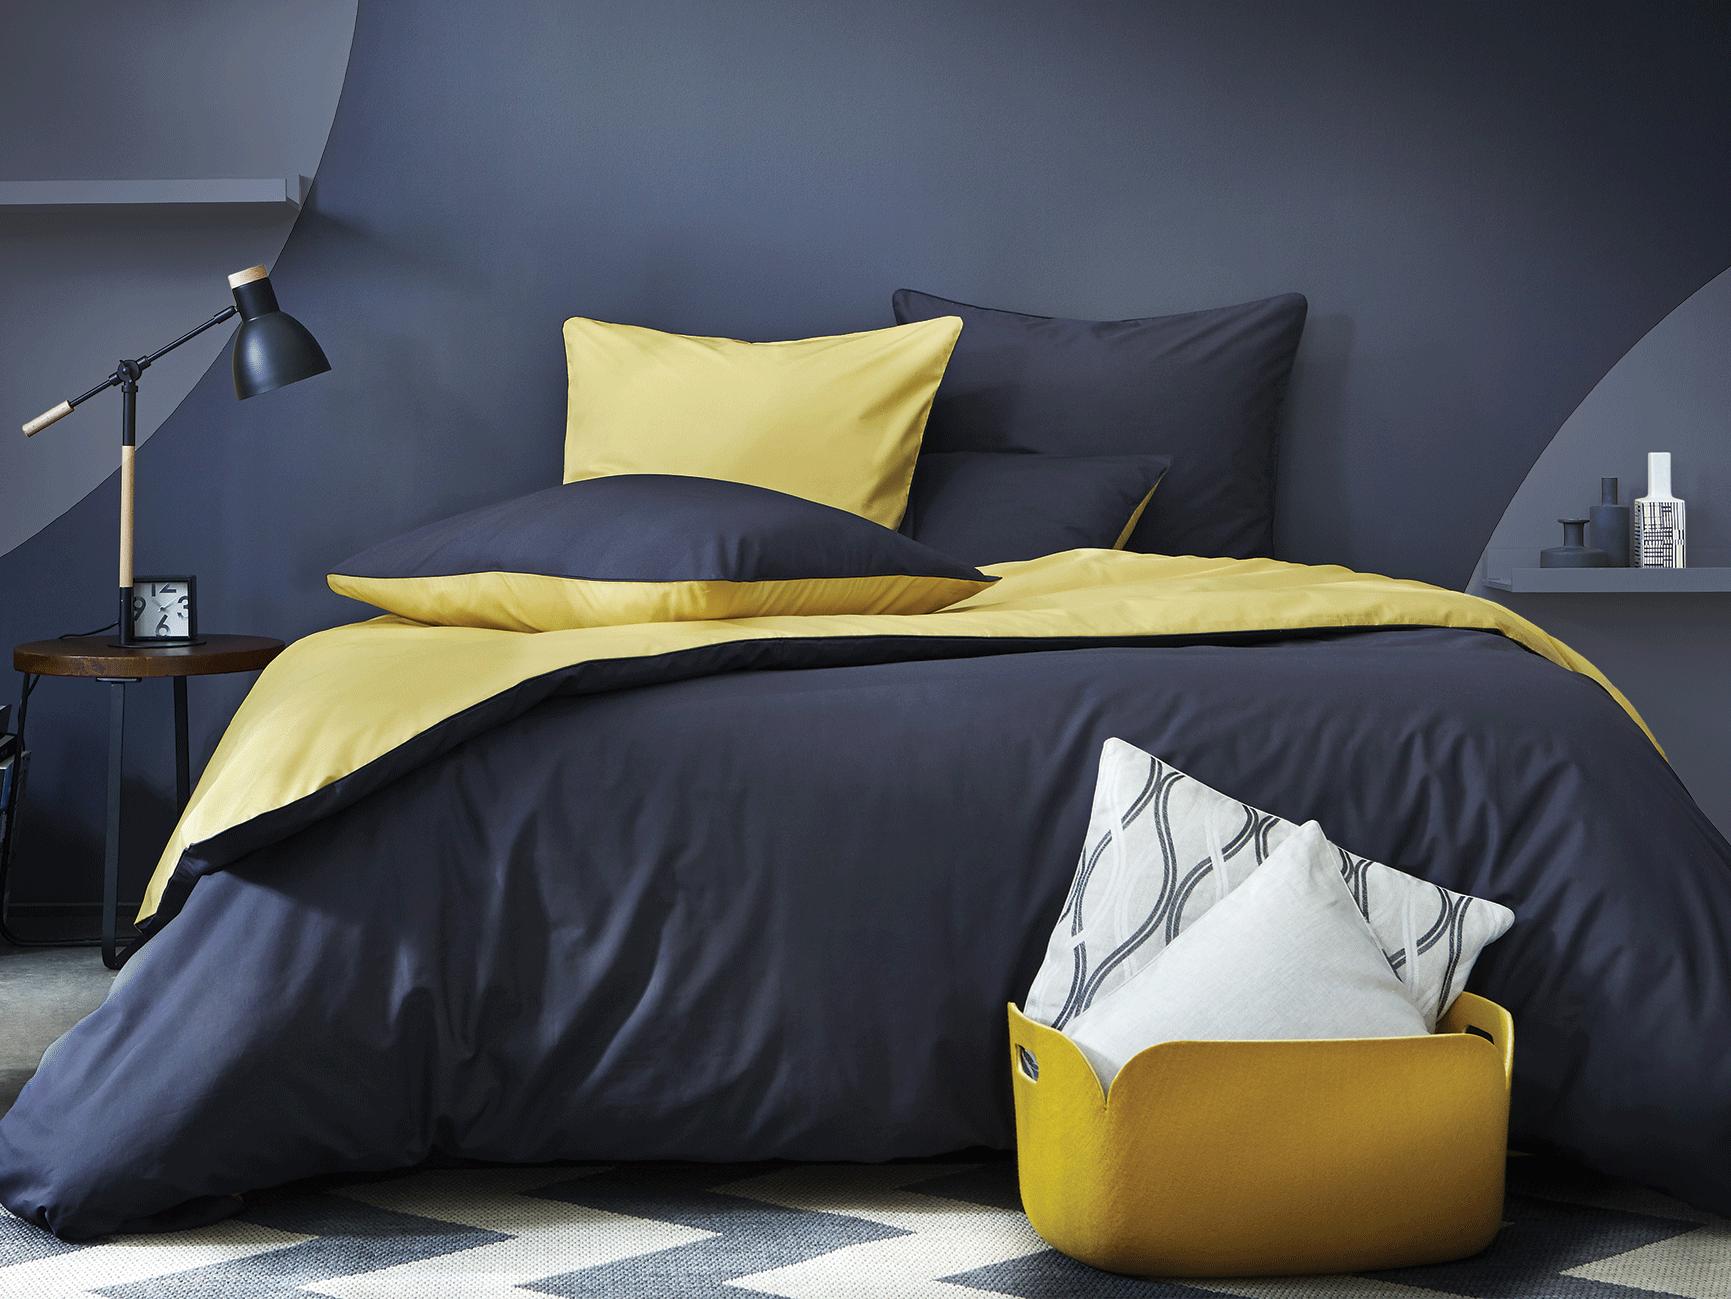 parure de lit complicit gourmande gris anthracite et. Black Bedroom Furniture Sets. Home Design Ideas